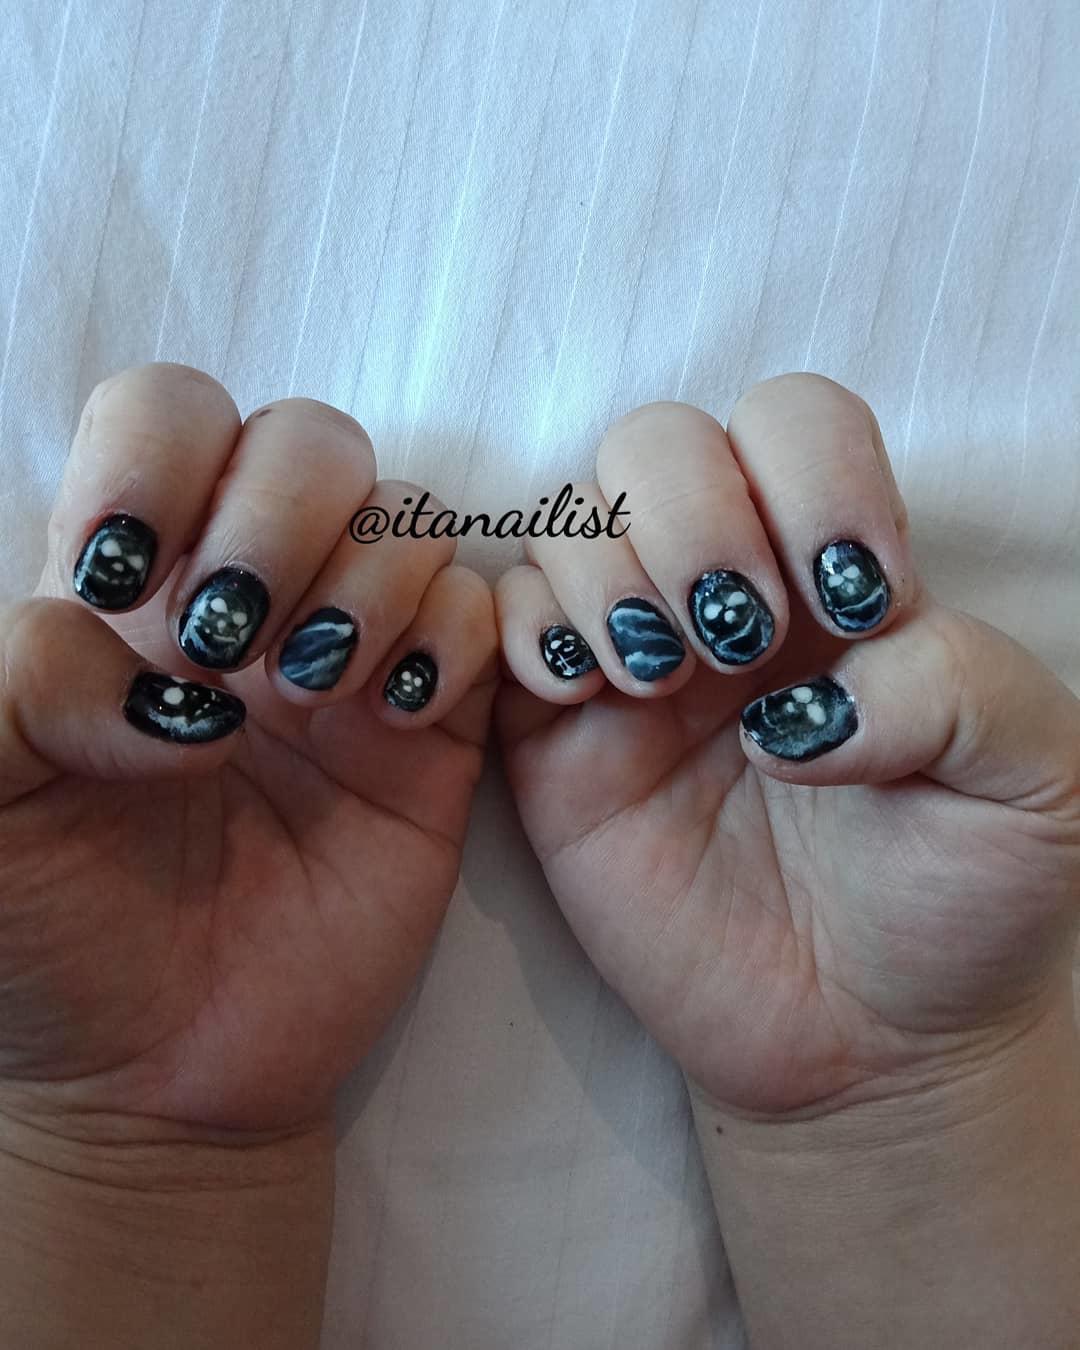 fake nail designs 15 - DIY Easy Fake Nails That Last Three Weeks & Fake Nail Designs